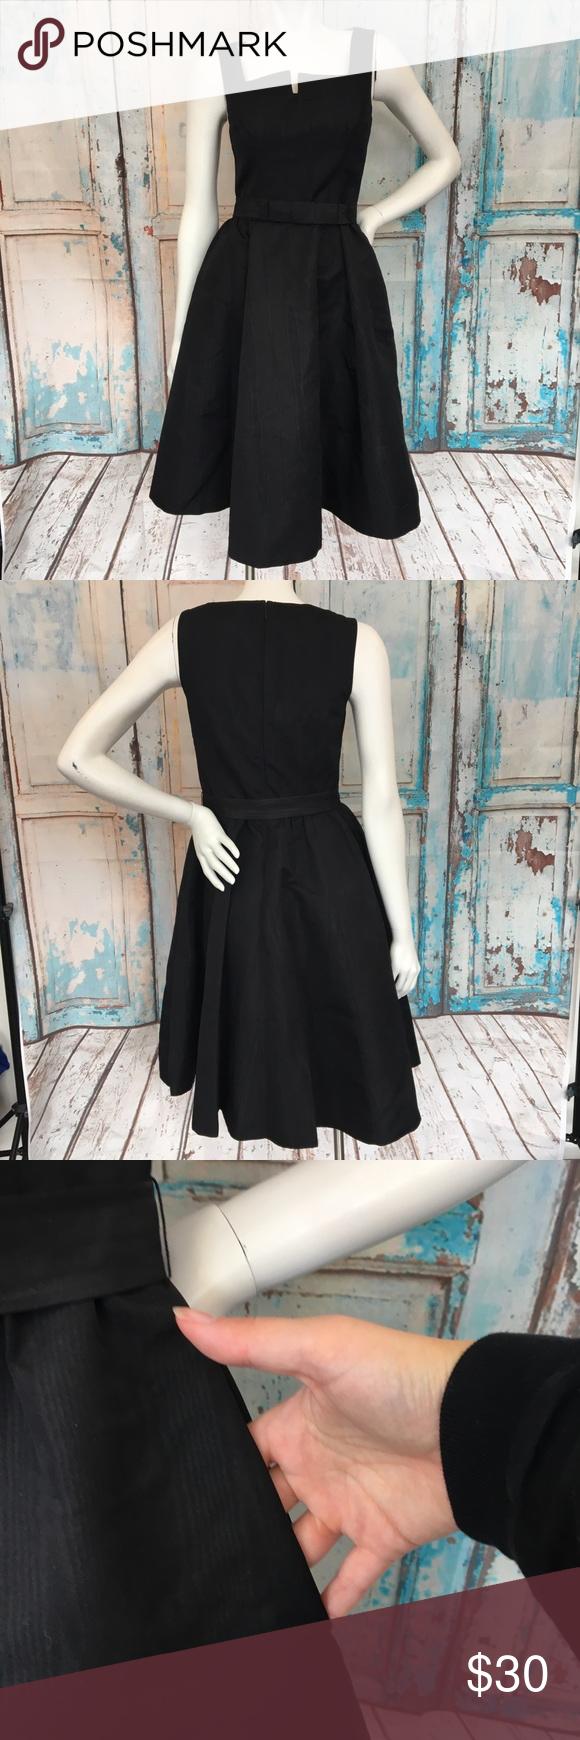 Izaac Mizrahi For Target Little Black Bow Dress Black Bow Dress Dress With Bow Isaac Mizrahi Dress [ 1740 x 580 Pixel ]